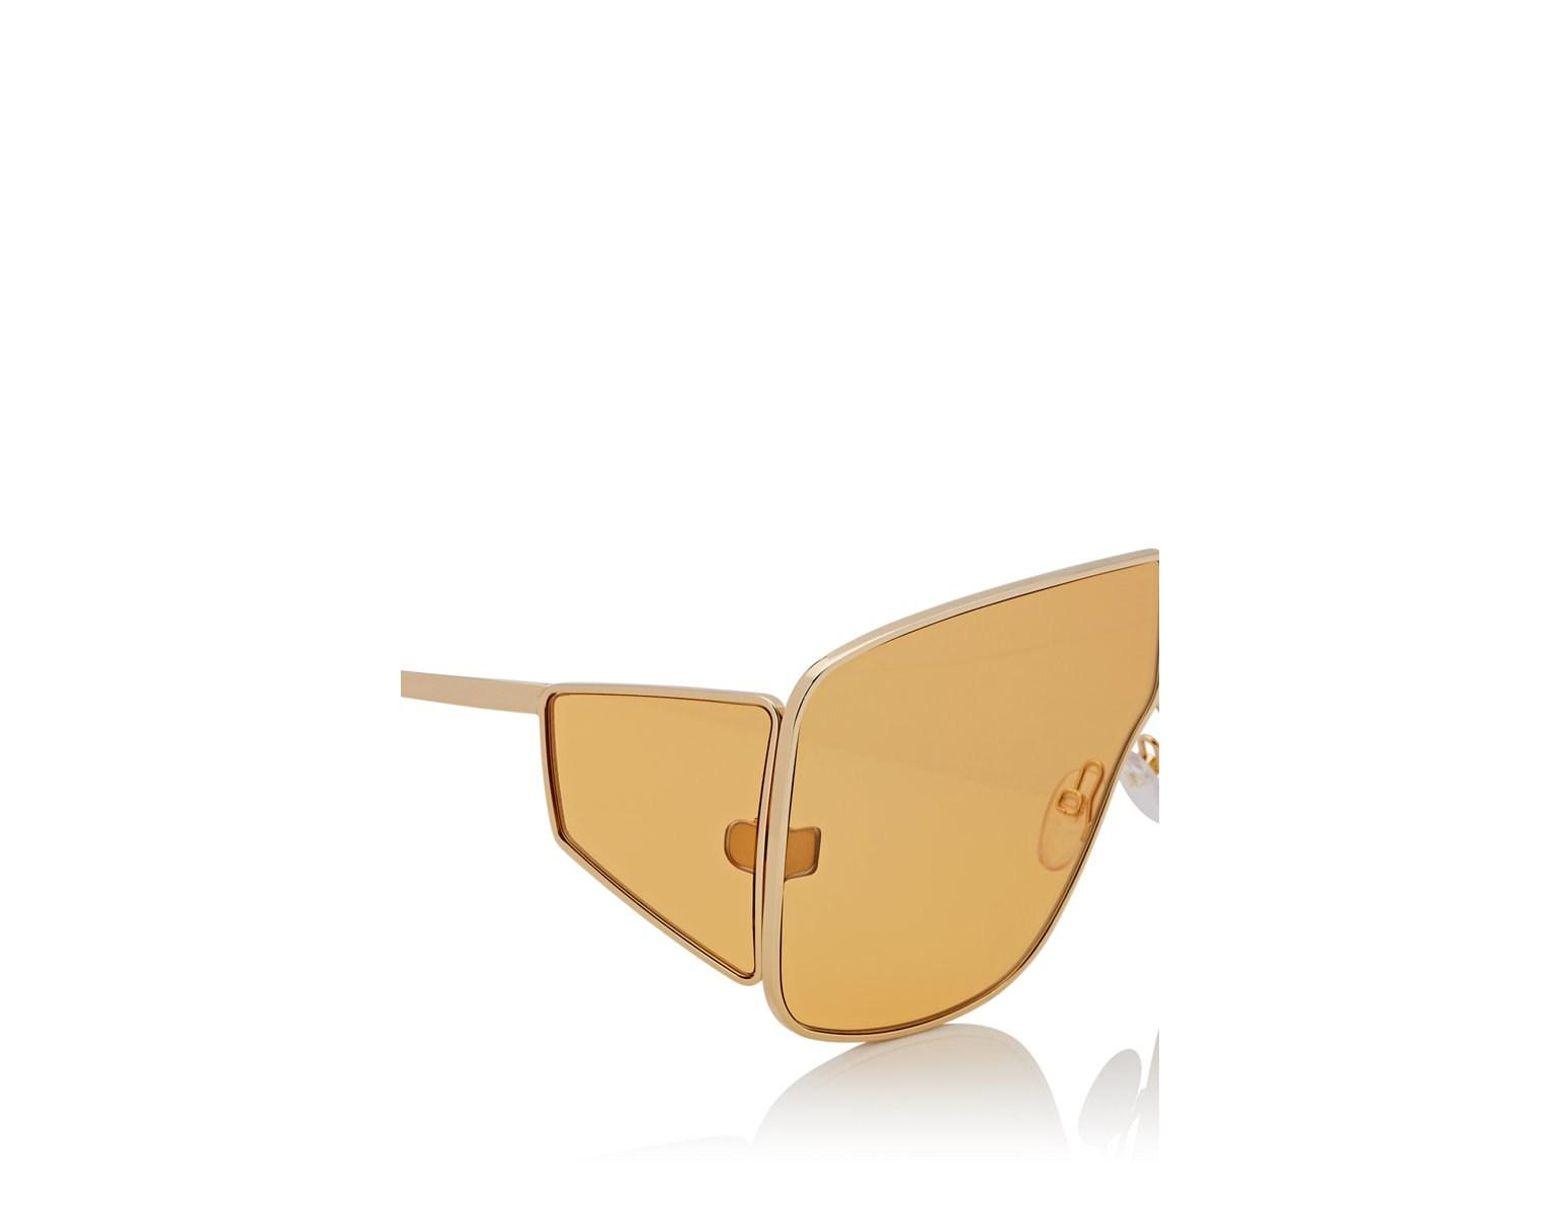 e5012951e1161 Tom Ford Spector Sunglasses in Metallic for Men - Lyst